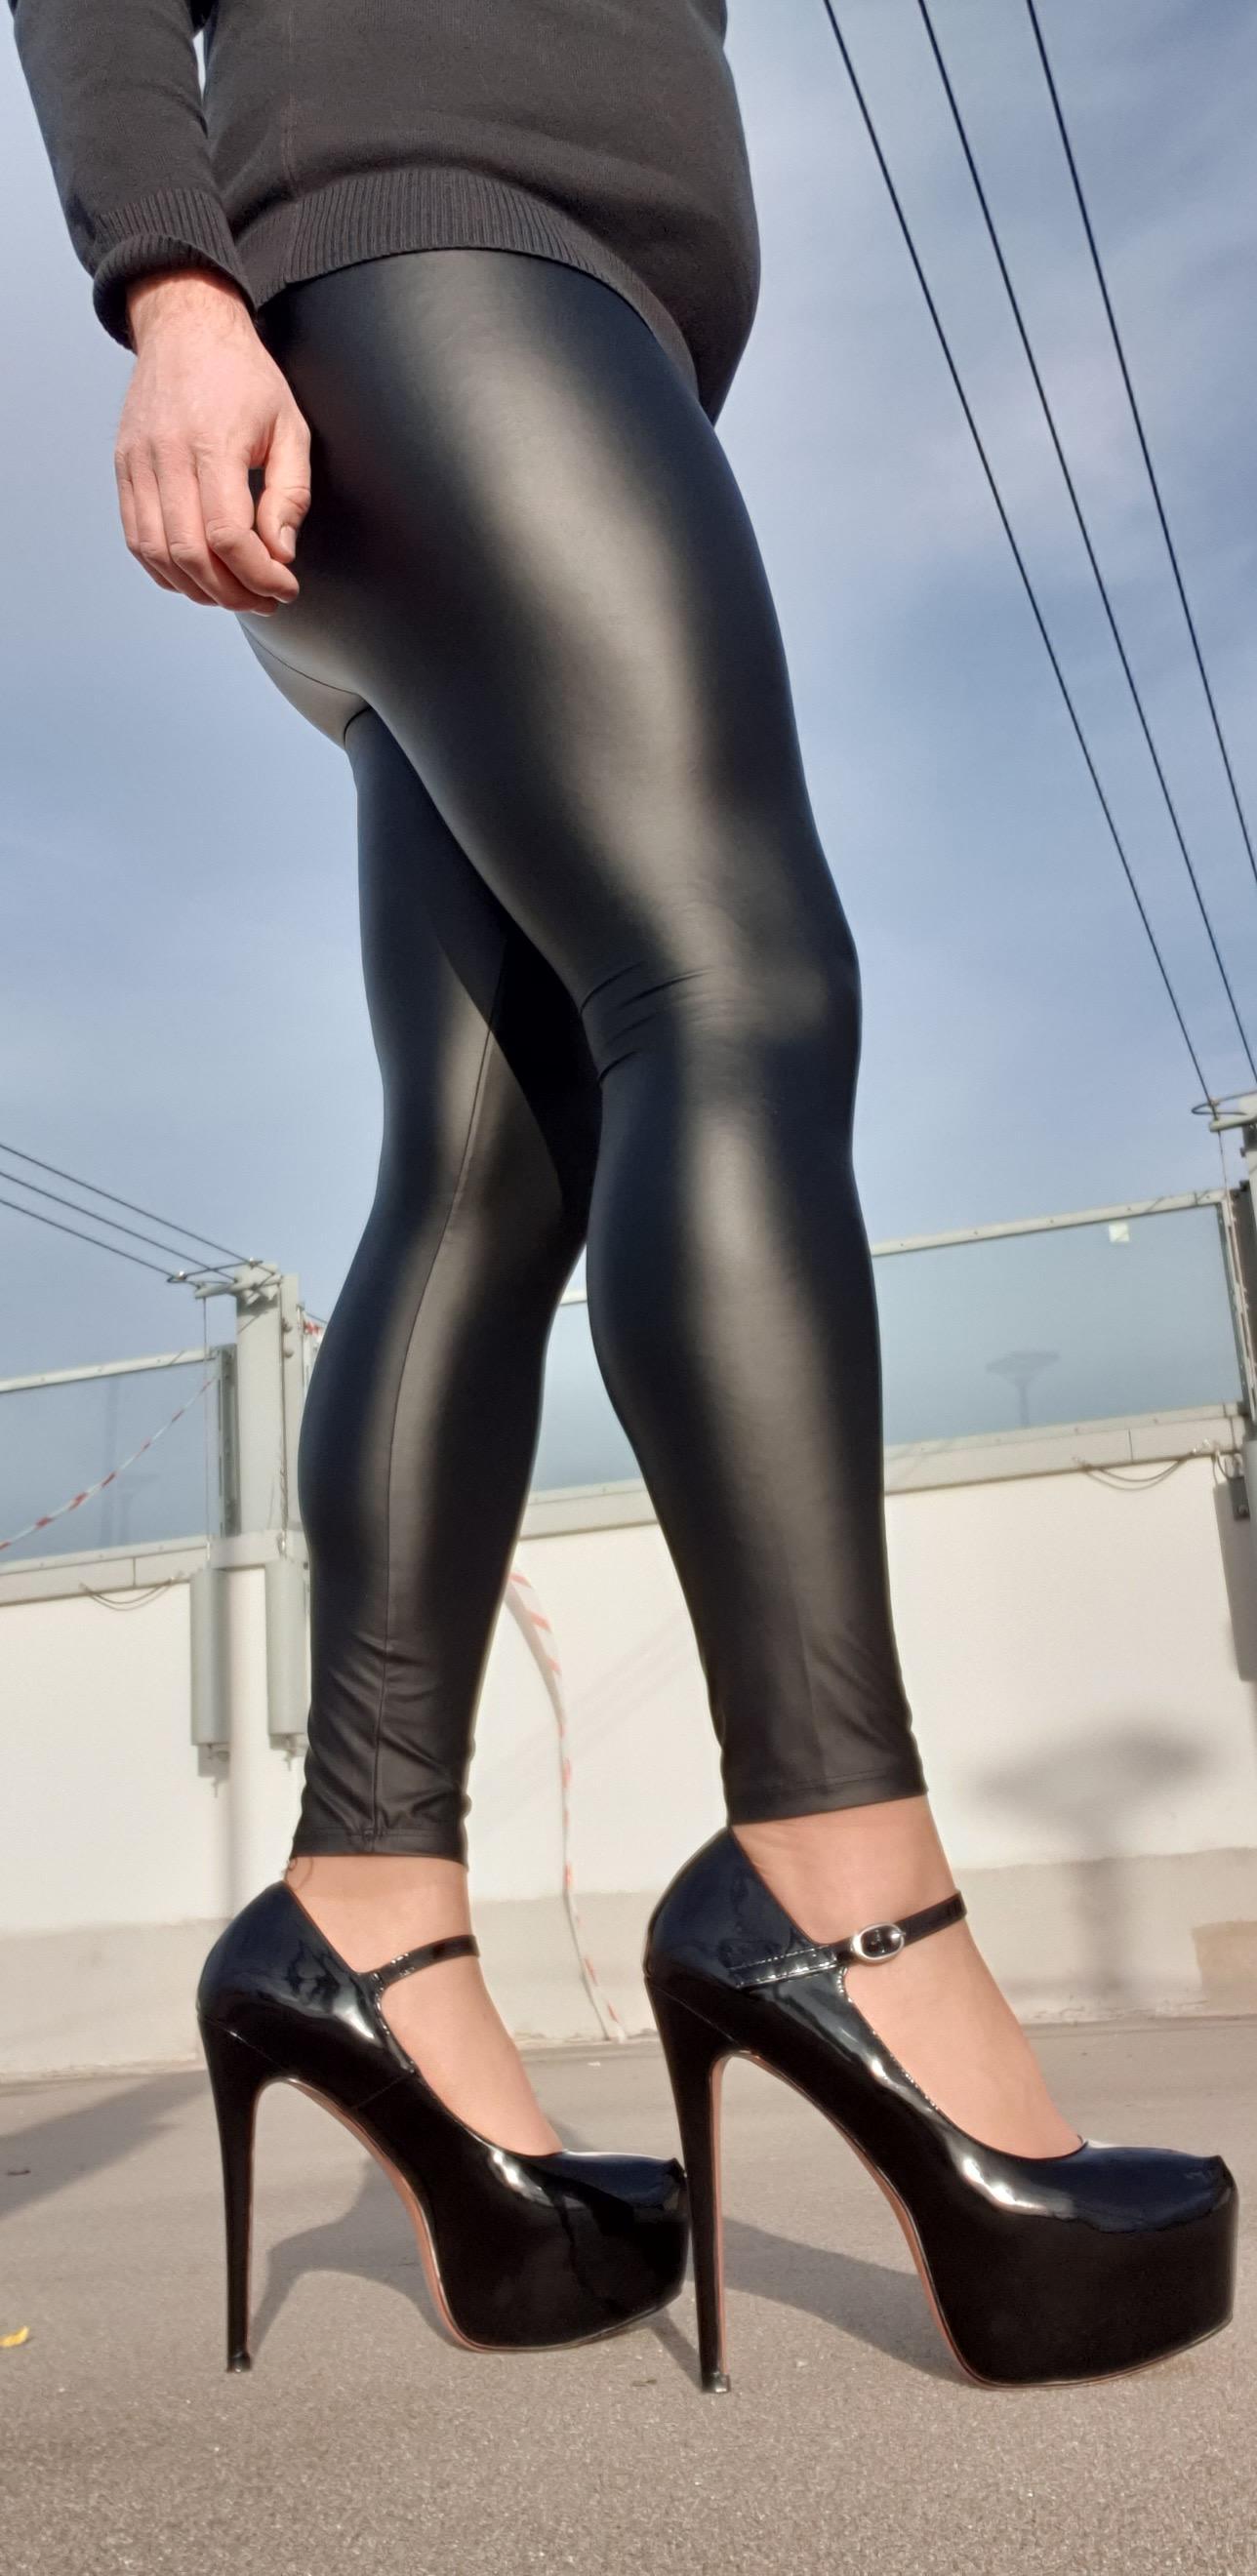 Wer trägt gerne High Heels?